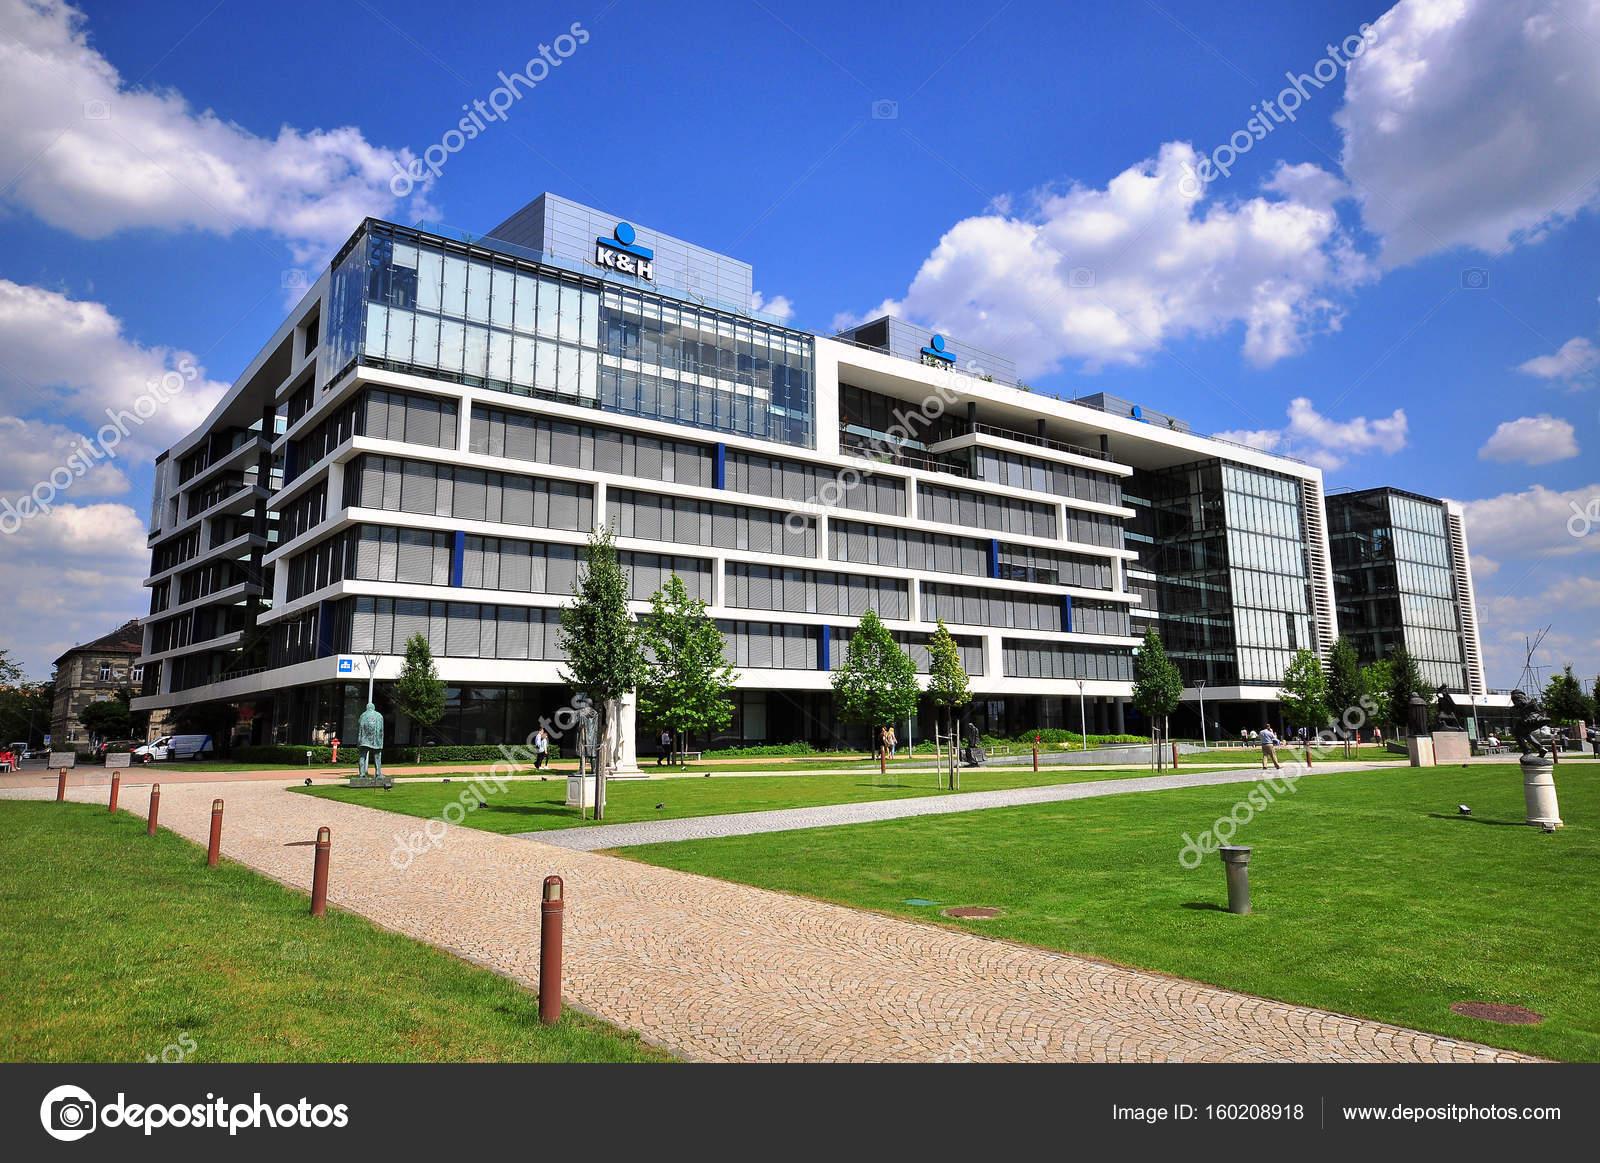 Ufficio K : Ufficio k h banca edificio nel quartiere d affari di budapest